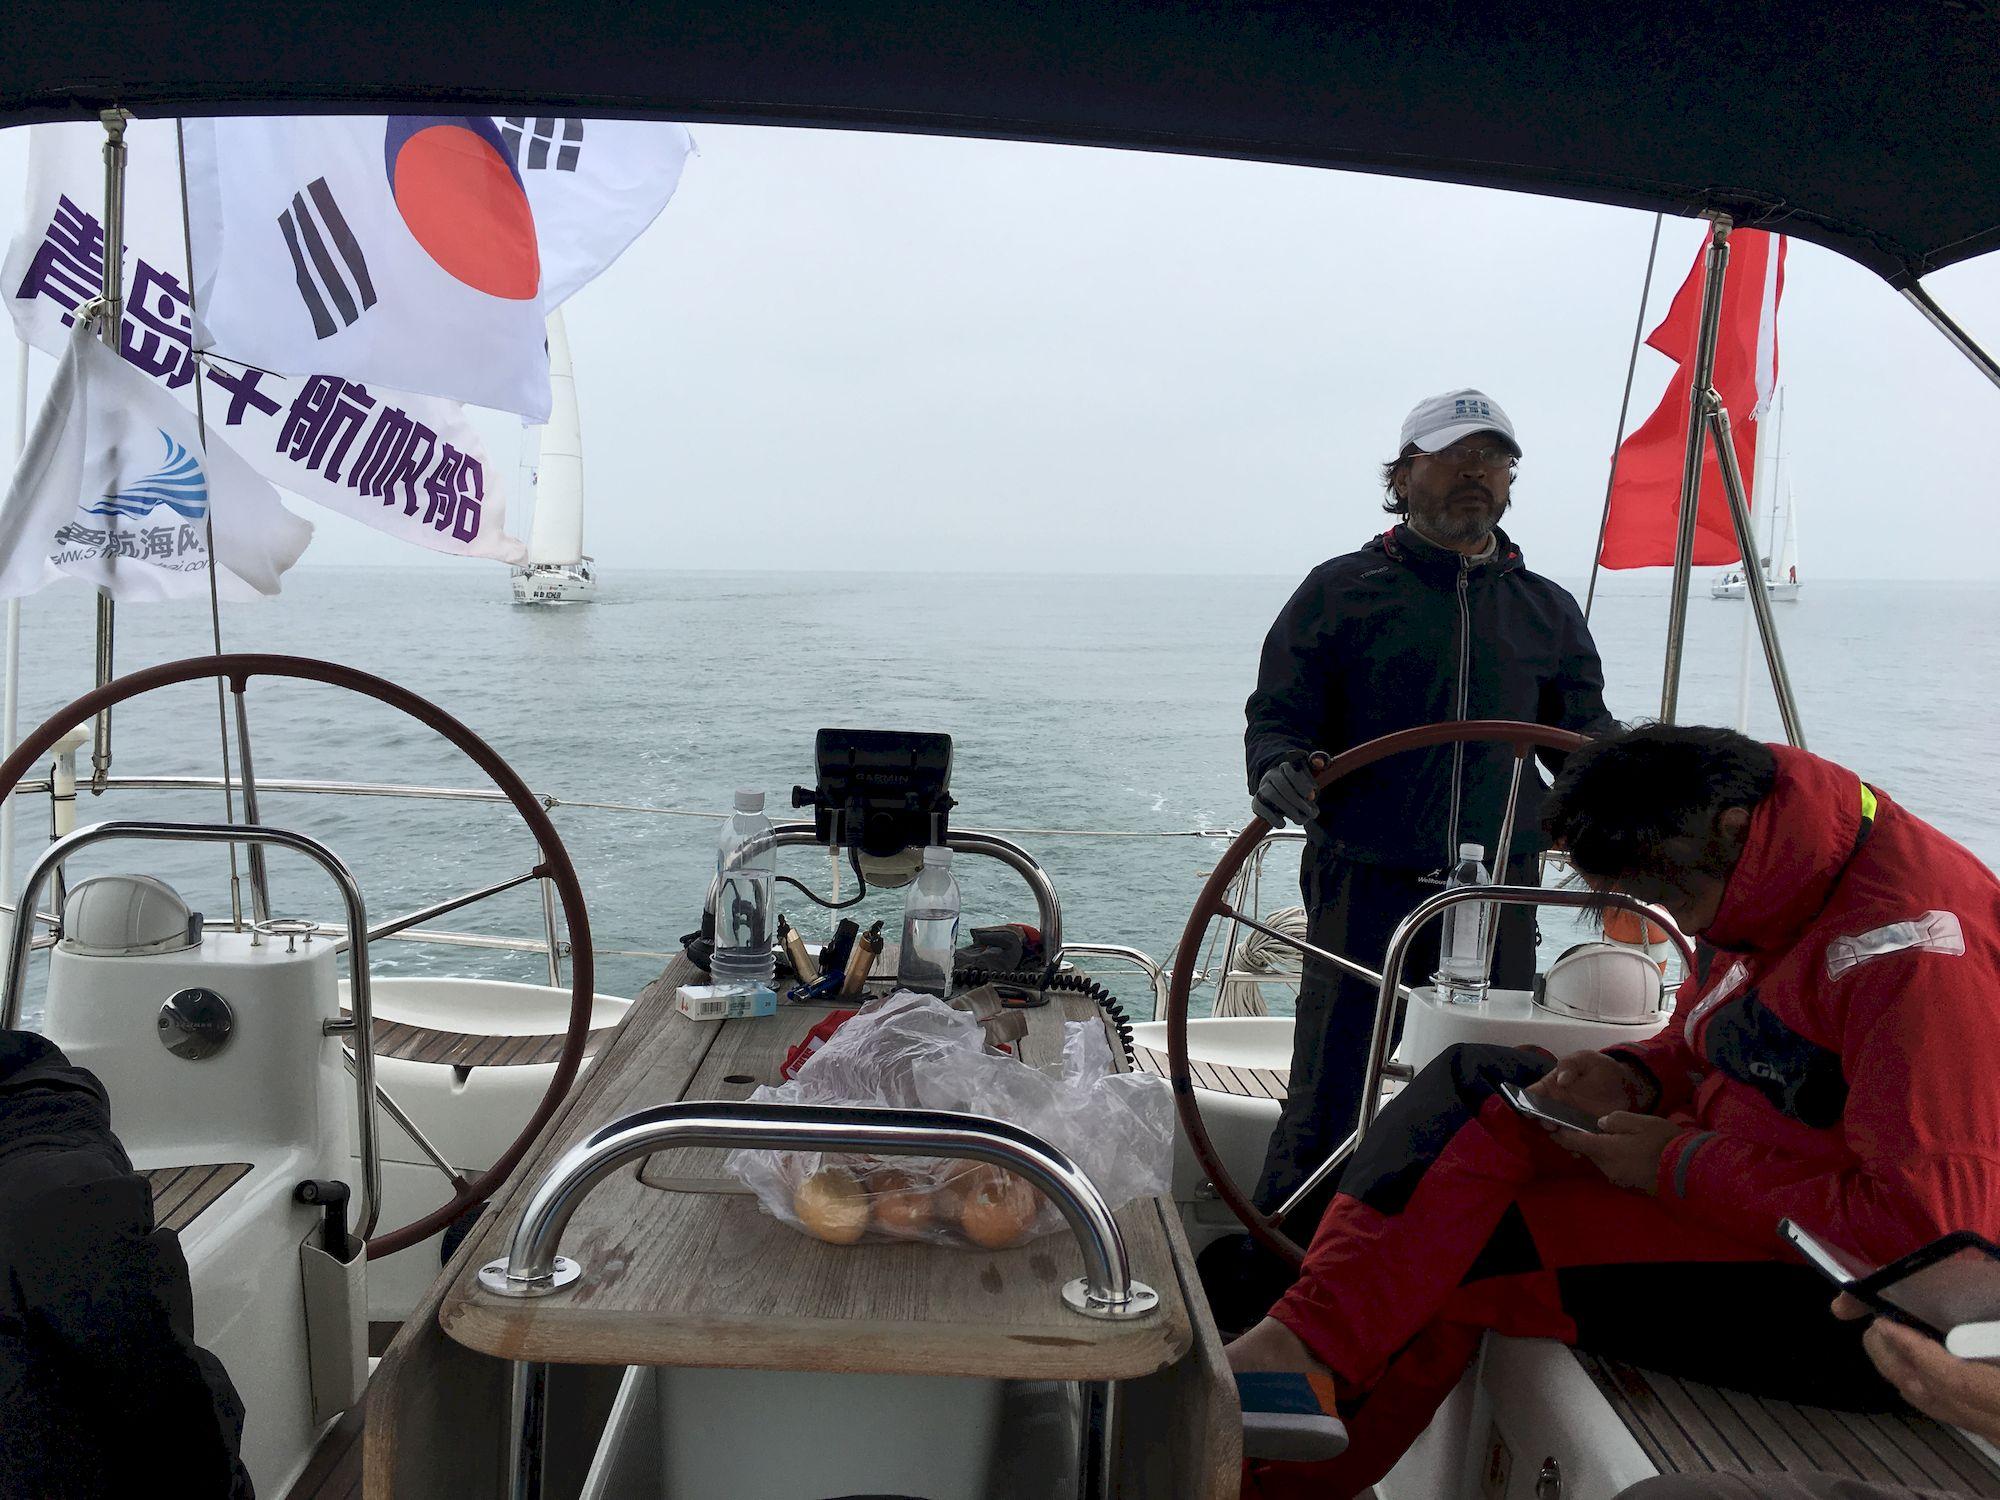 新西兰,跆拳道,俱乐部,拉力赛,青岛 向着太阳升起的地方出发:记第一次跨国远航-千航帆船-51航海网队-2016威海仁川 024-IMG_3104_千帆俱乐部我要航海网帆船队-2016威海-仁川国际帆船赛.JPG